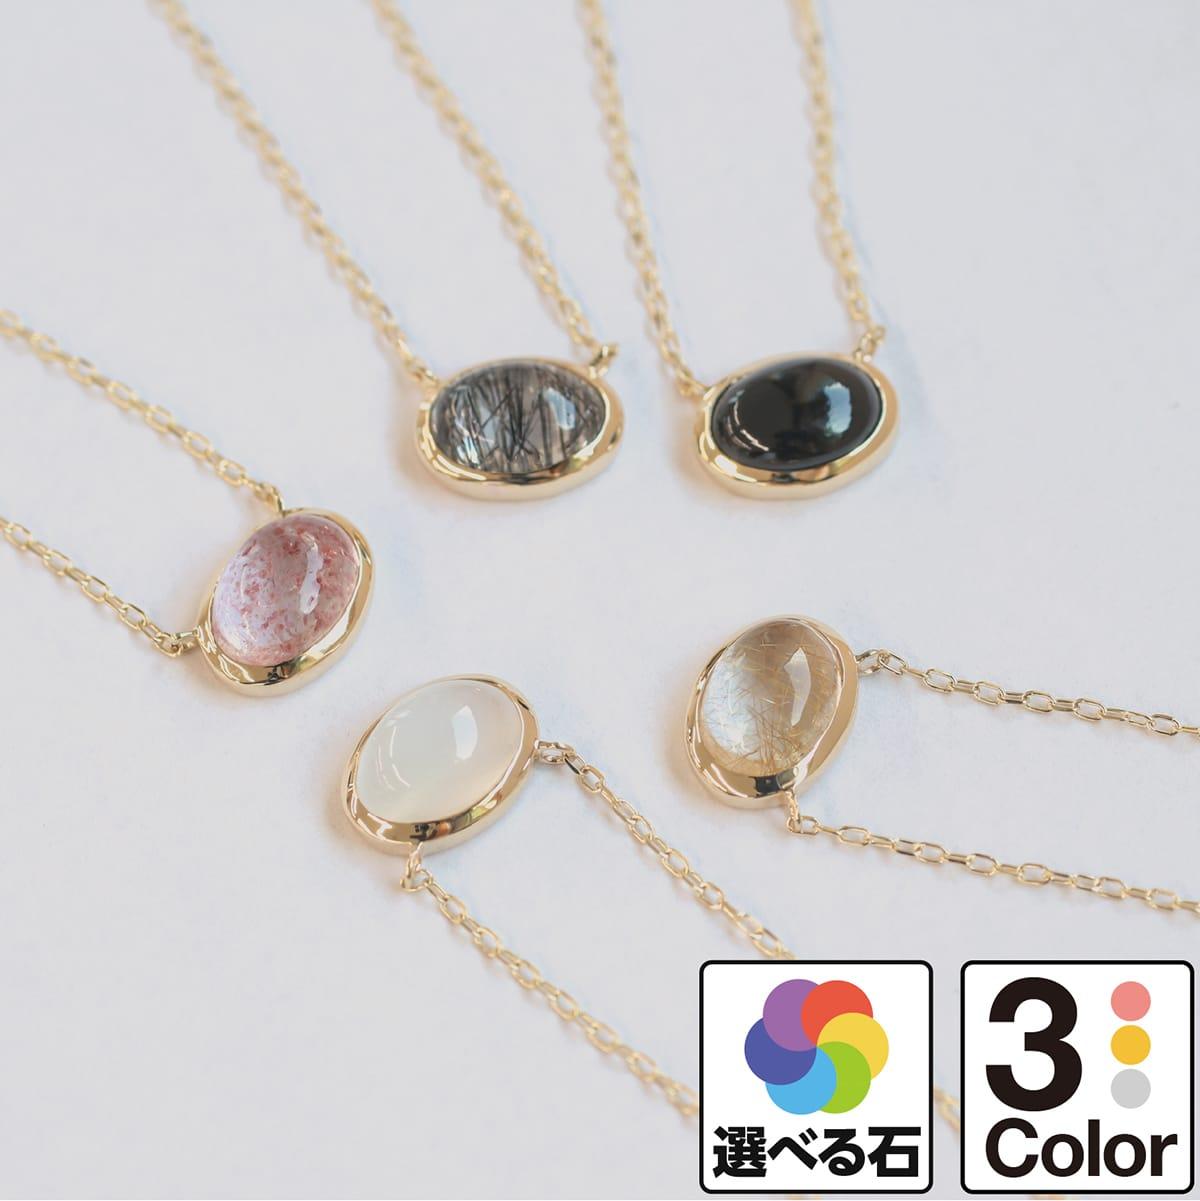 ネックレス k18 一粒 選べるカラーストーン イエローゴールド/ホワイトゴールド/ピンクゴールド 品質保証書 金属アレルギー 日本製 誕生日 ギフト